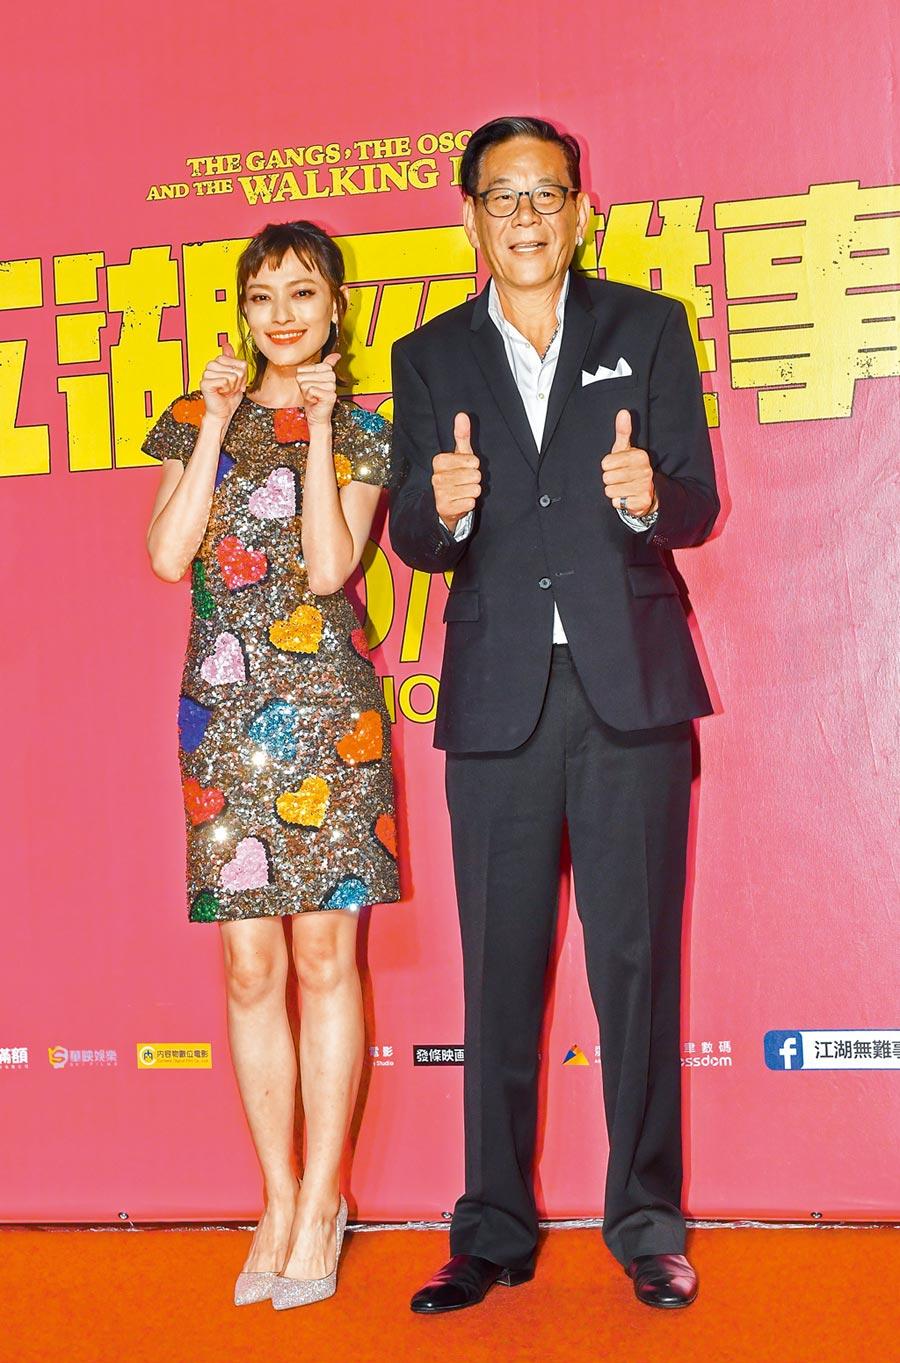 姚以緹(左)挑戰穿更多圖案上身,電影首映穿著Alice+Olivia愛心亮片洋裝配Thomas Sabo飾品。(盧褘祺攝)